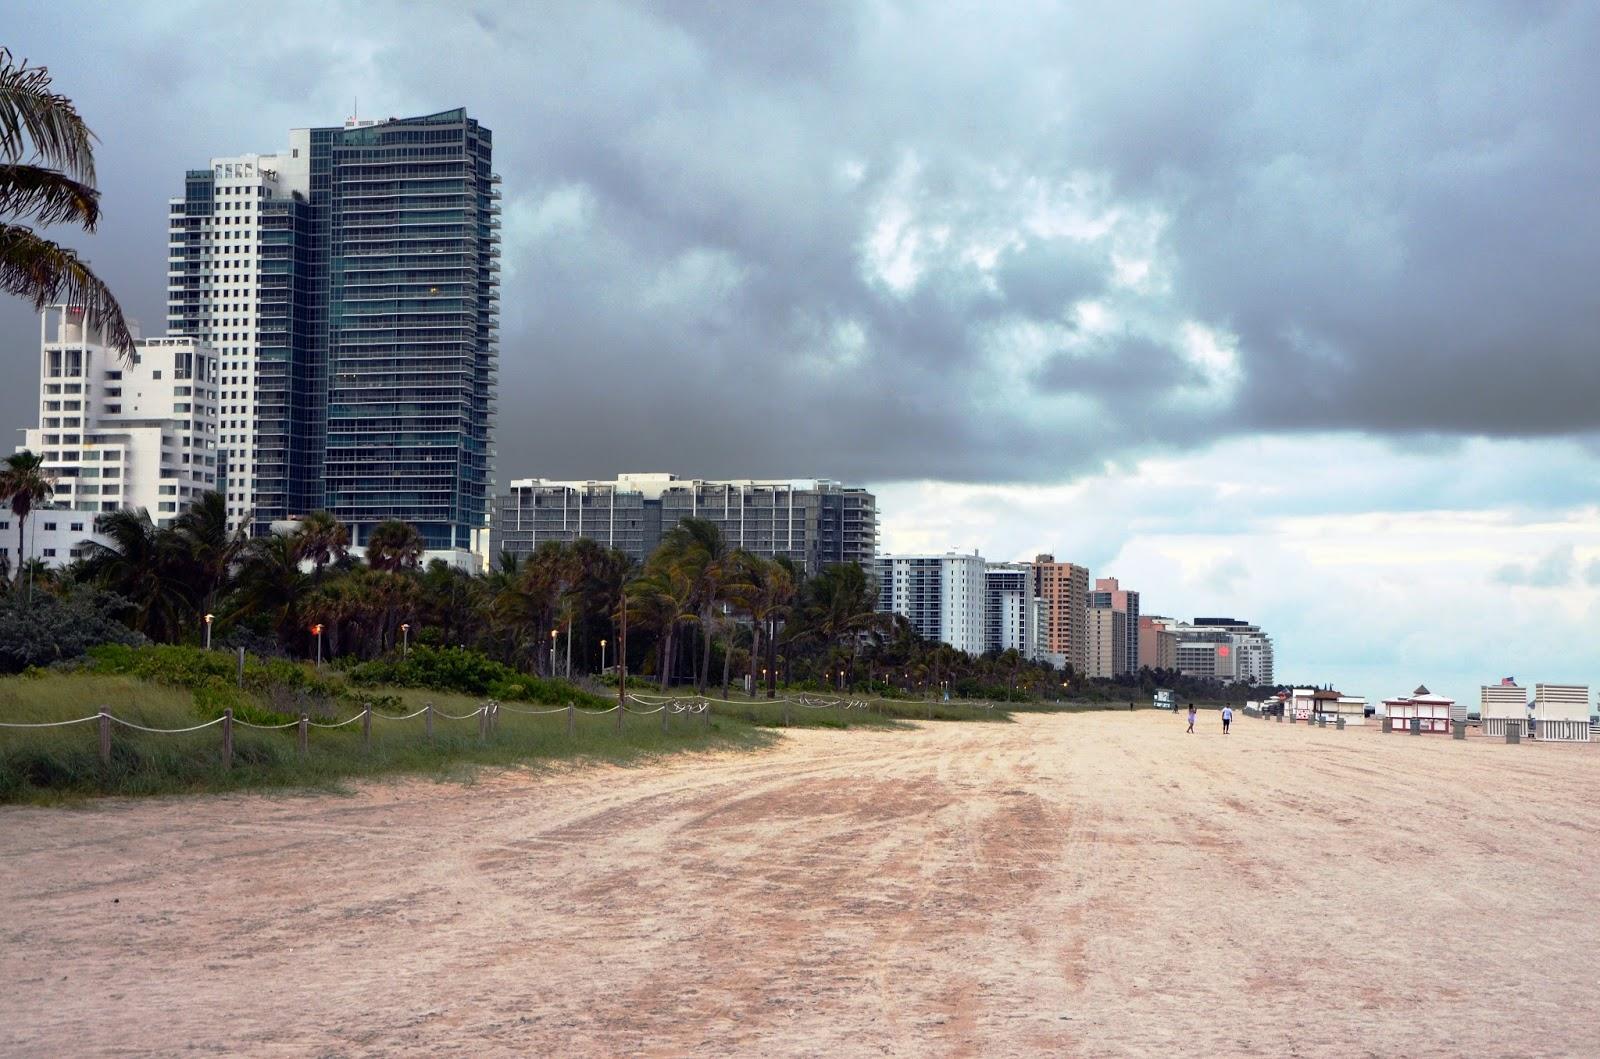 Miami beach floride usa juin 2017